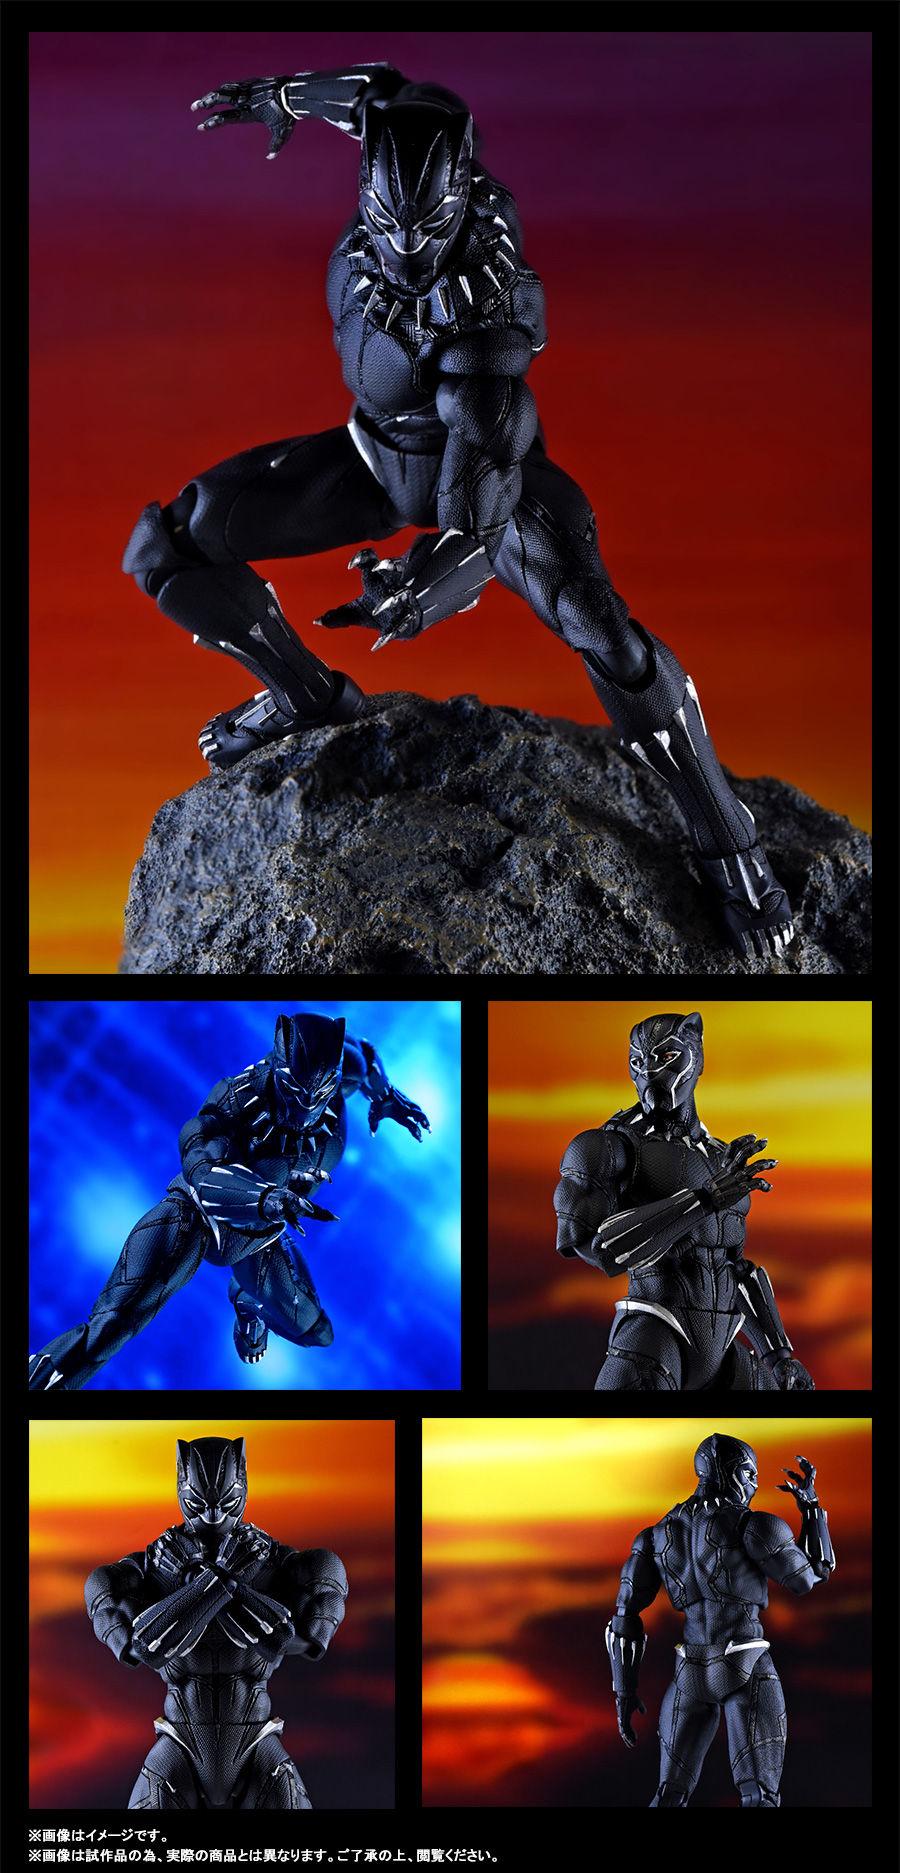 S.H.Figuarts ブラックパンサー-008